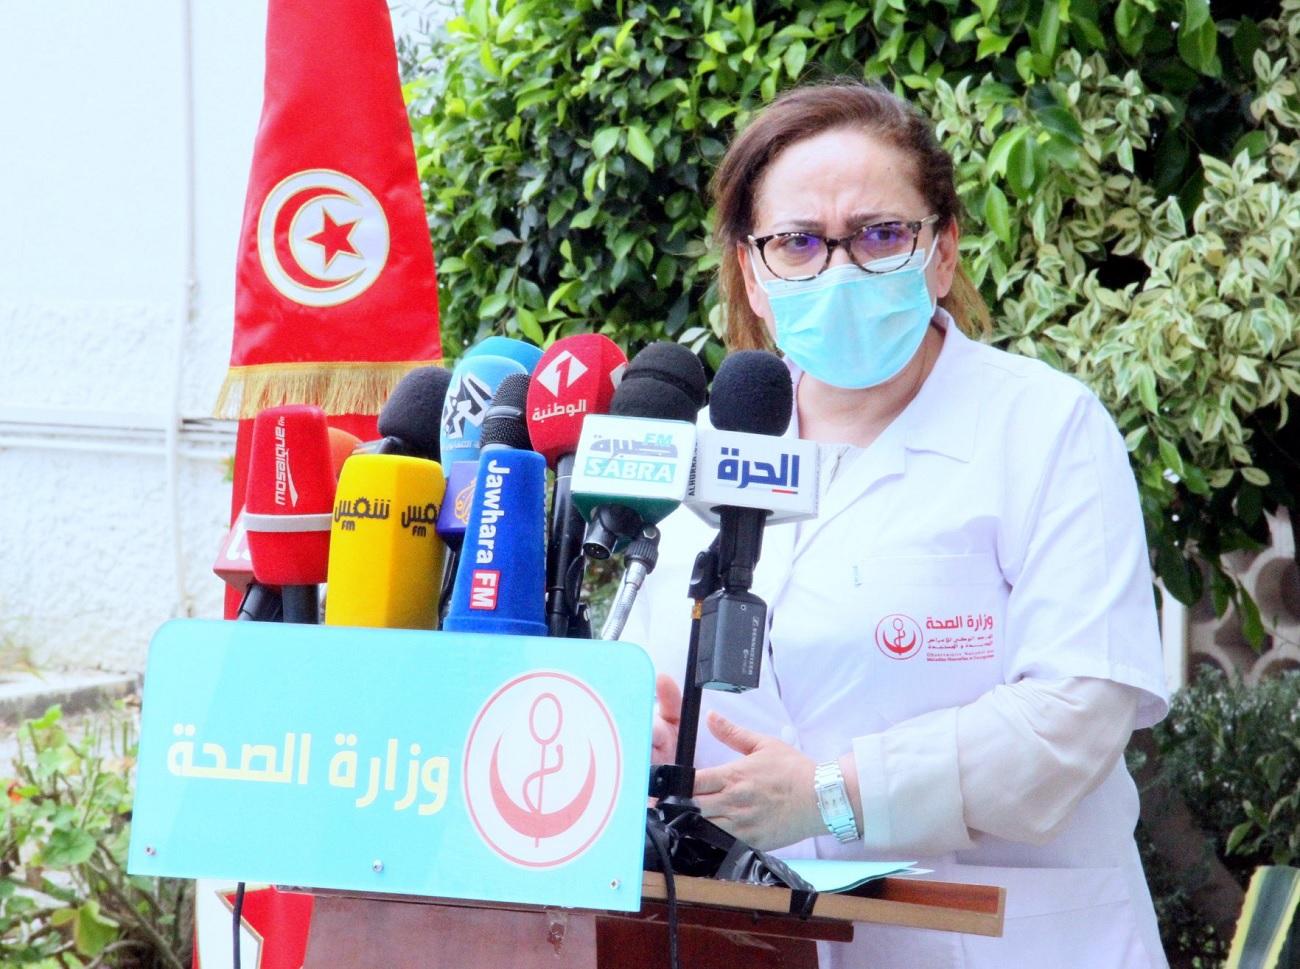 Le gouvernement annonce une série de mesures pour endiguer la propagation de la pandémie